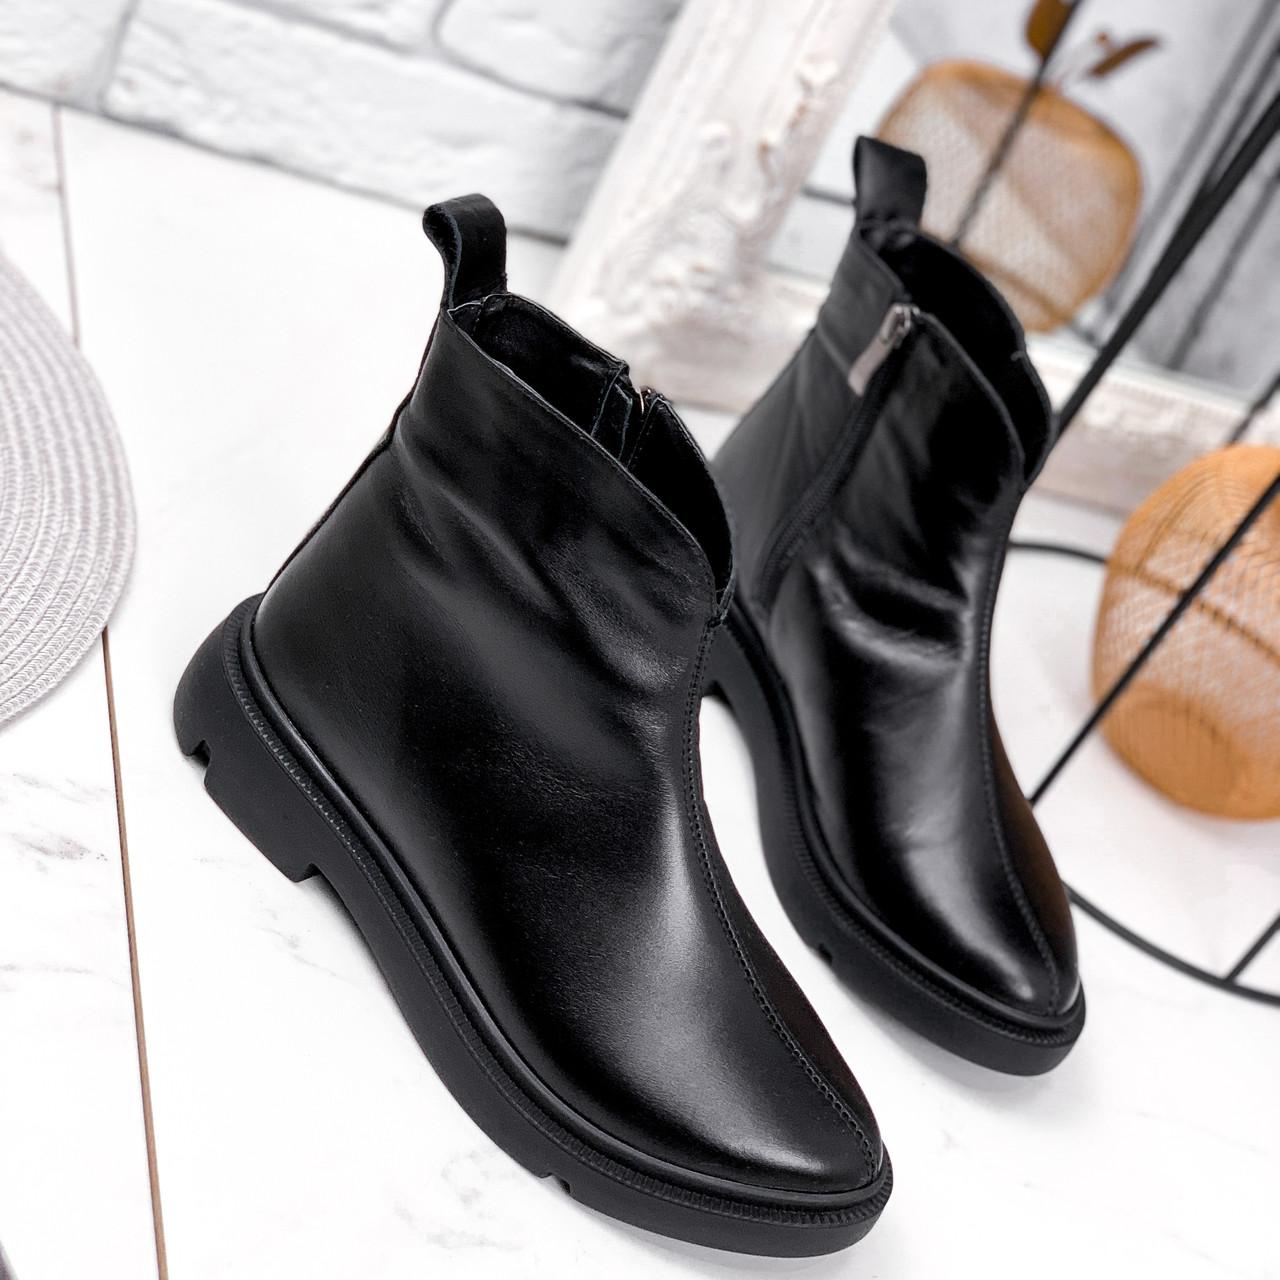 Ботинки женские Orest черные ЗИМА 2582